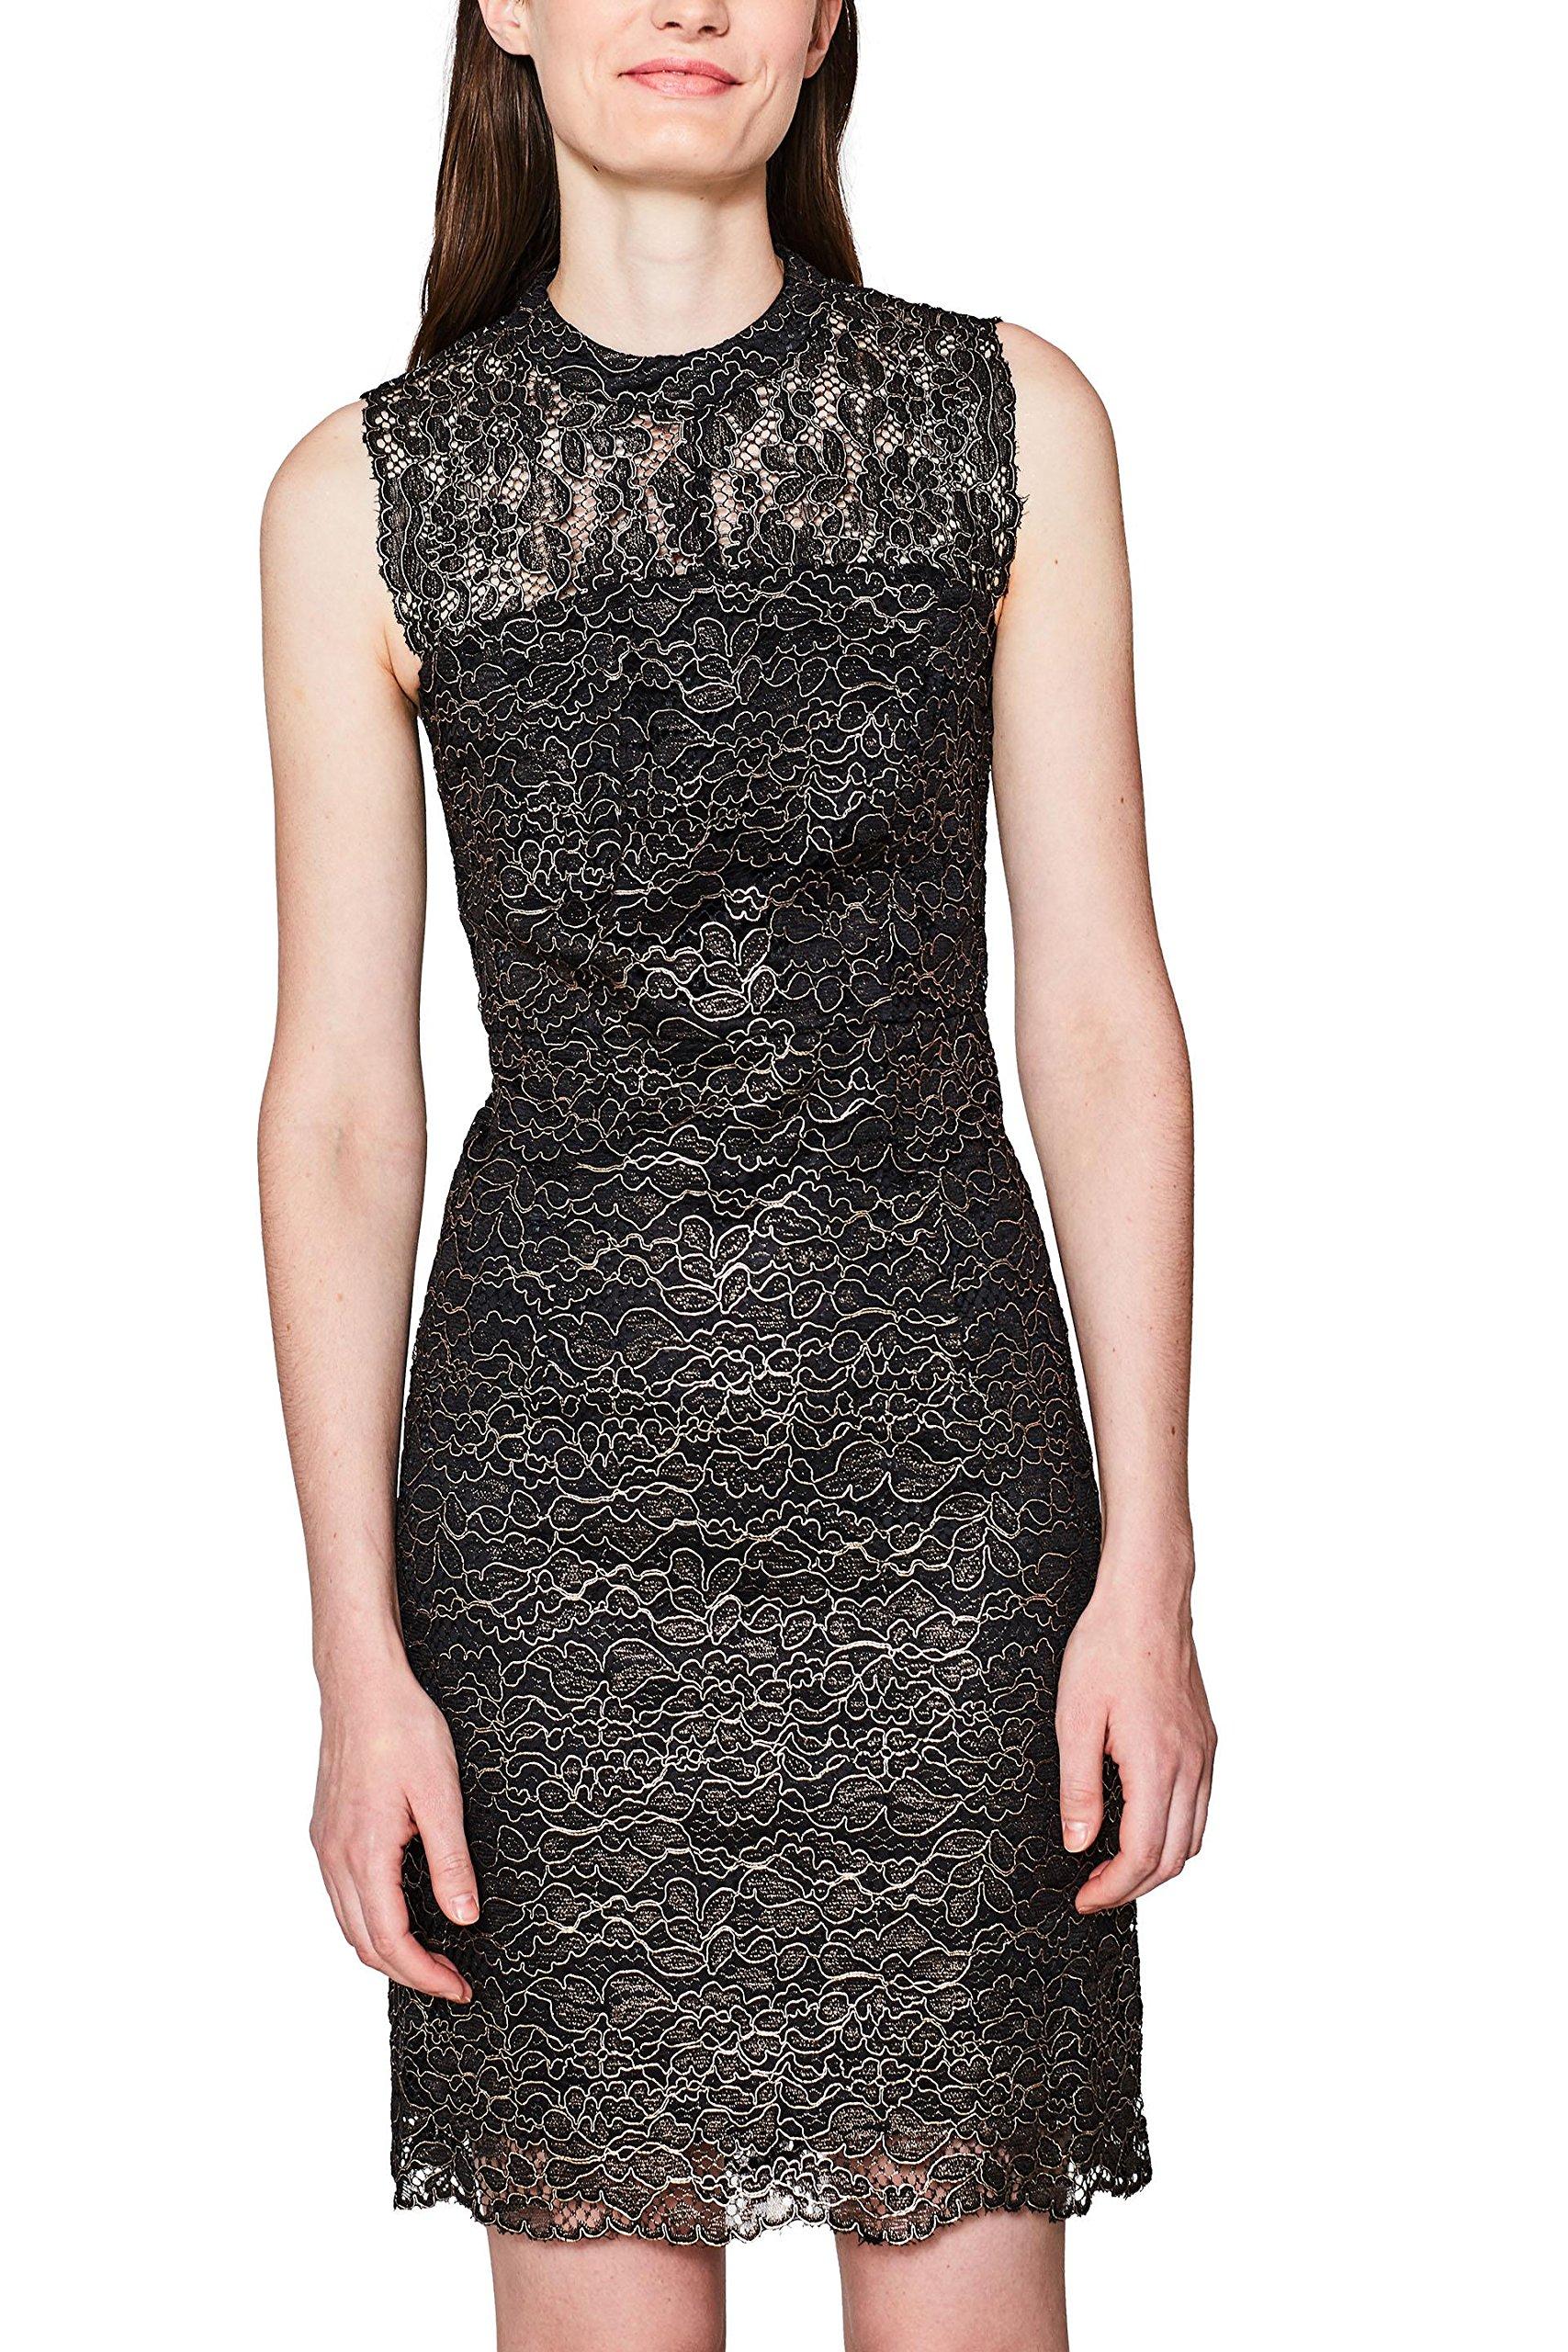 Collection 2 Esprit 00242 De Femme Robe 107eo1e016 SoiréeNoirblack q5cLSj3R4A